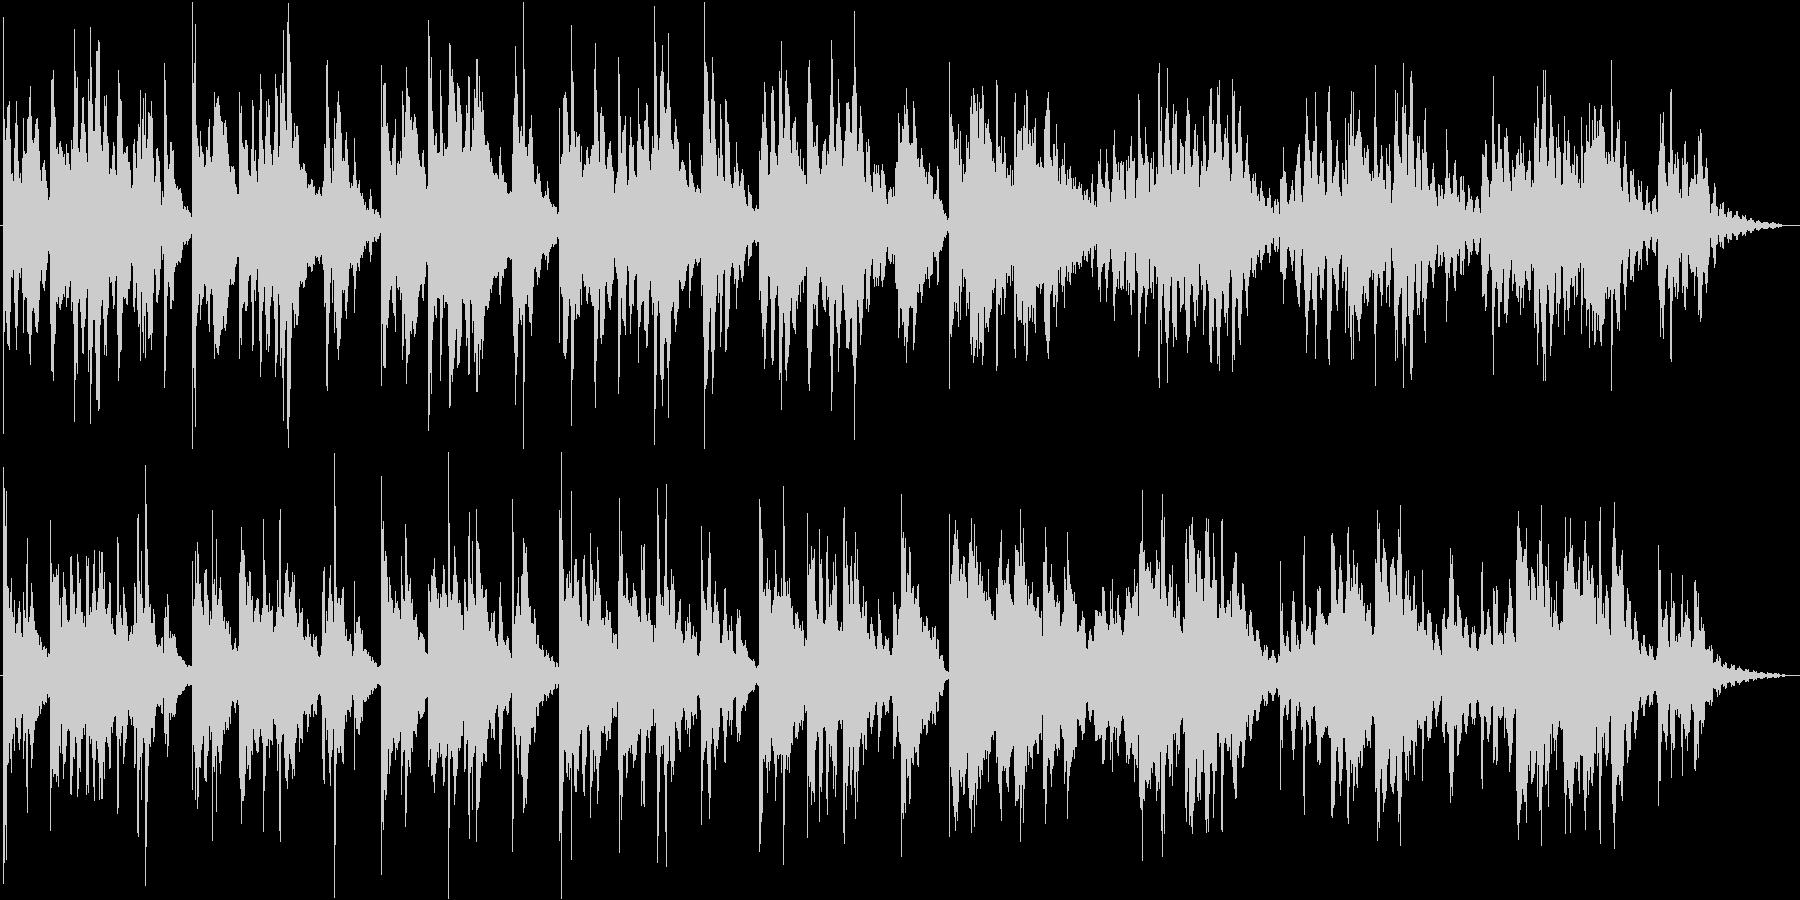 雨のようなエレキピアノとベルの響きの未再生の波形